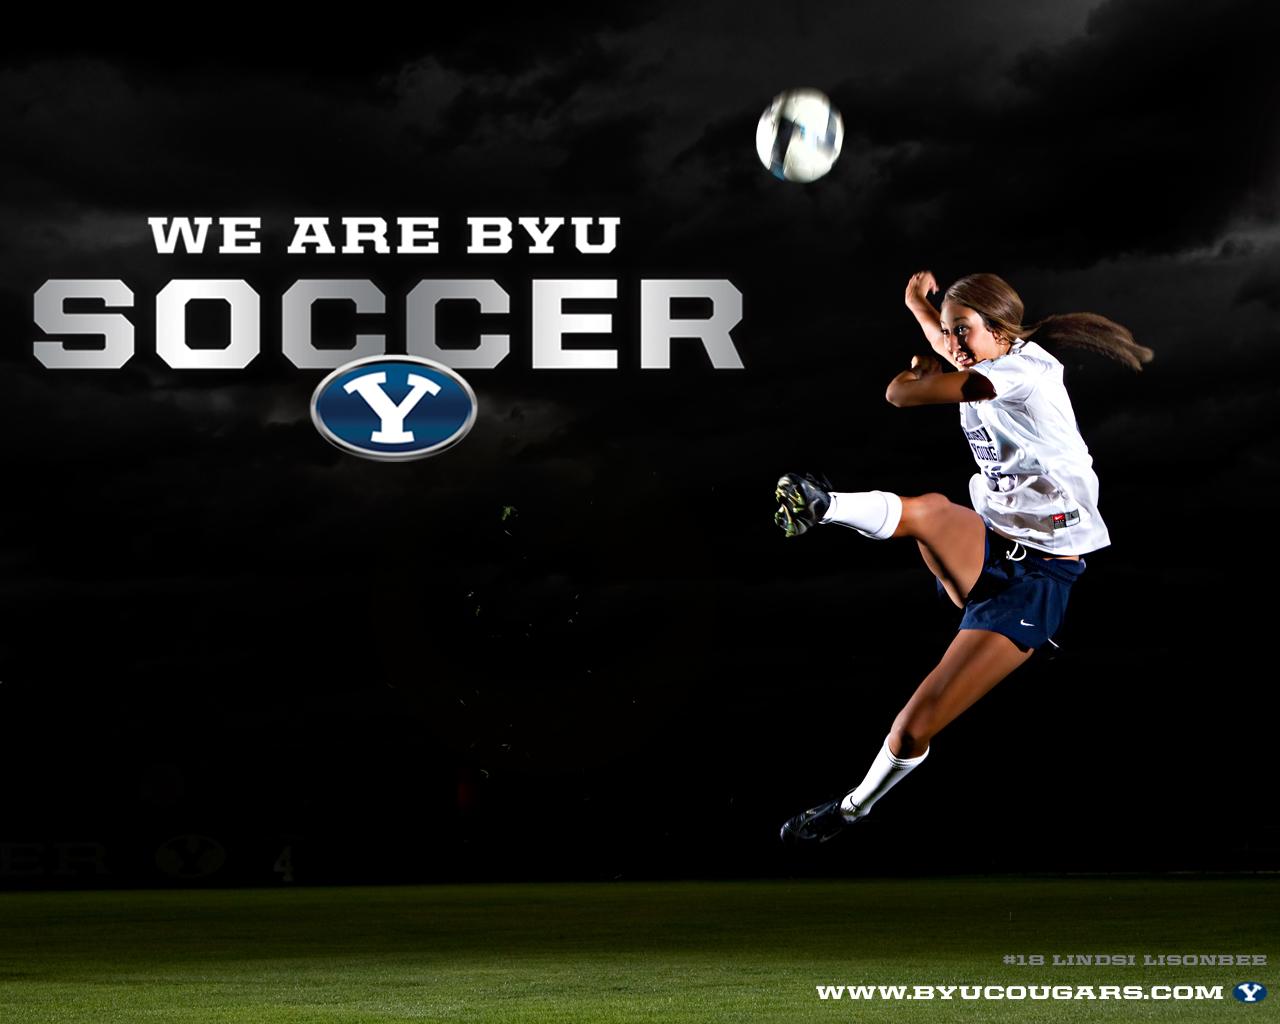 Soccer Girls Wallpaper Free: US Women's Soccer Wallpaper